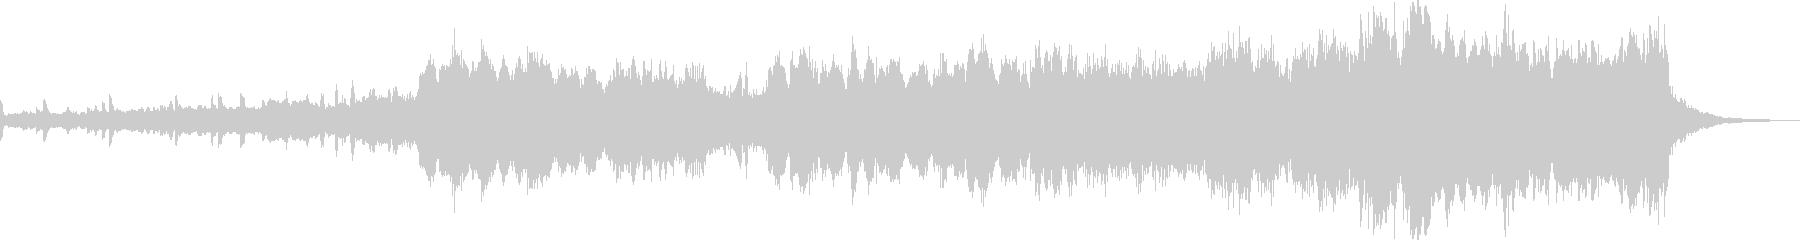 スネアドラムから始まる華やかなマーチの未再生の波形